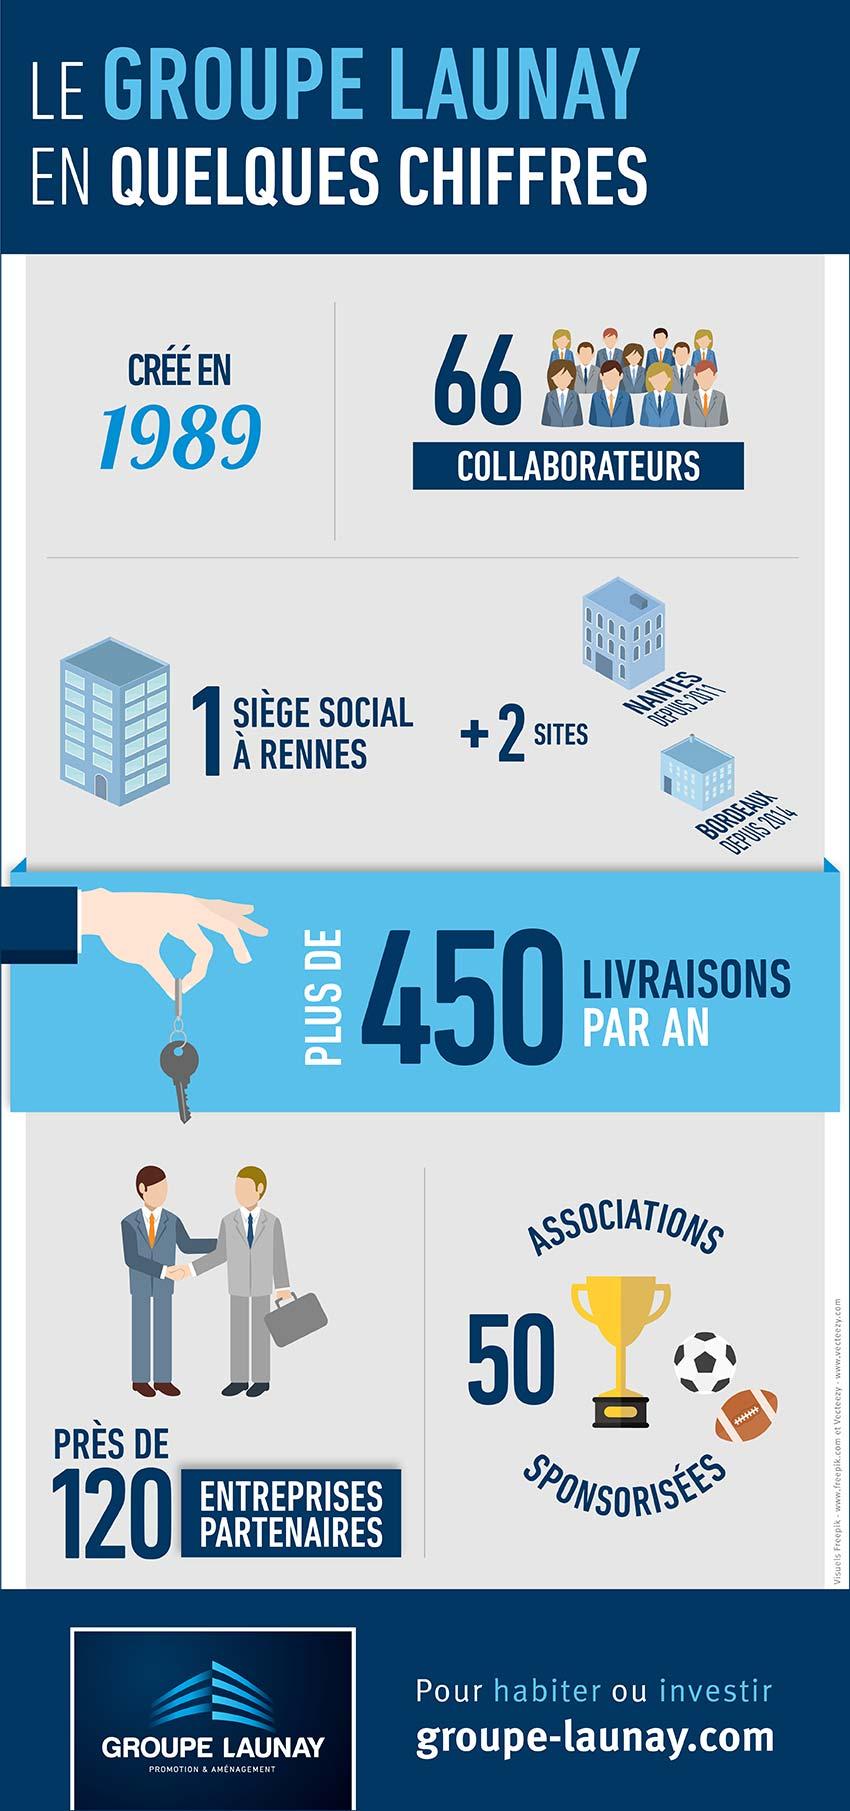 Les chiffres-clés du Groupe Launay en une infographie